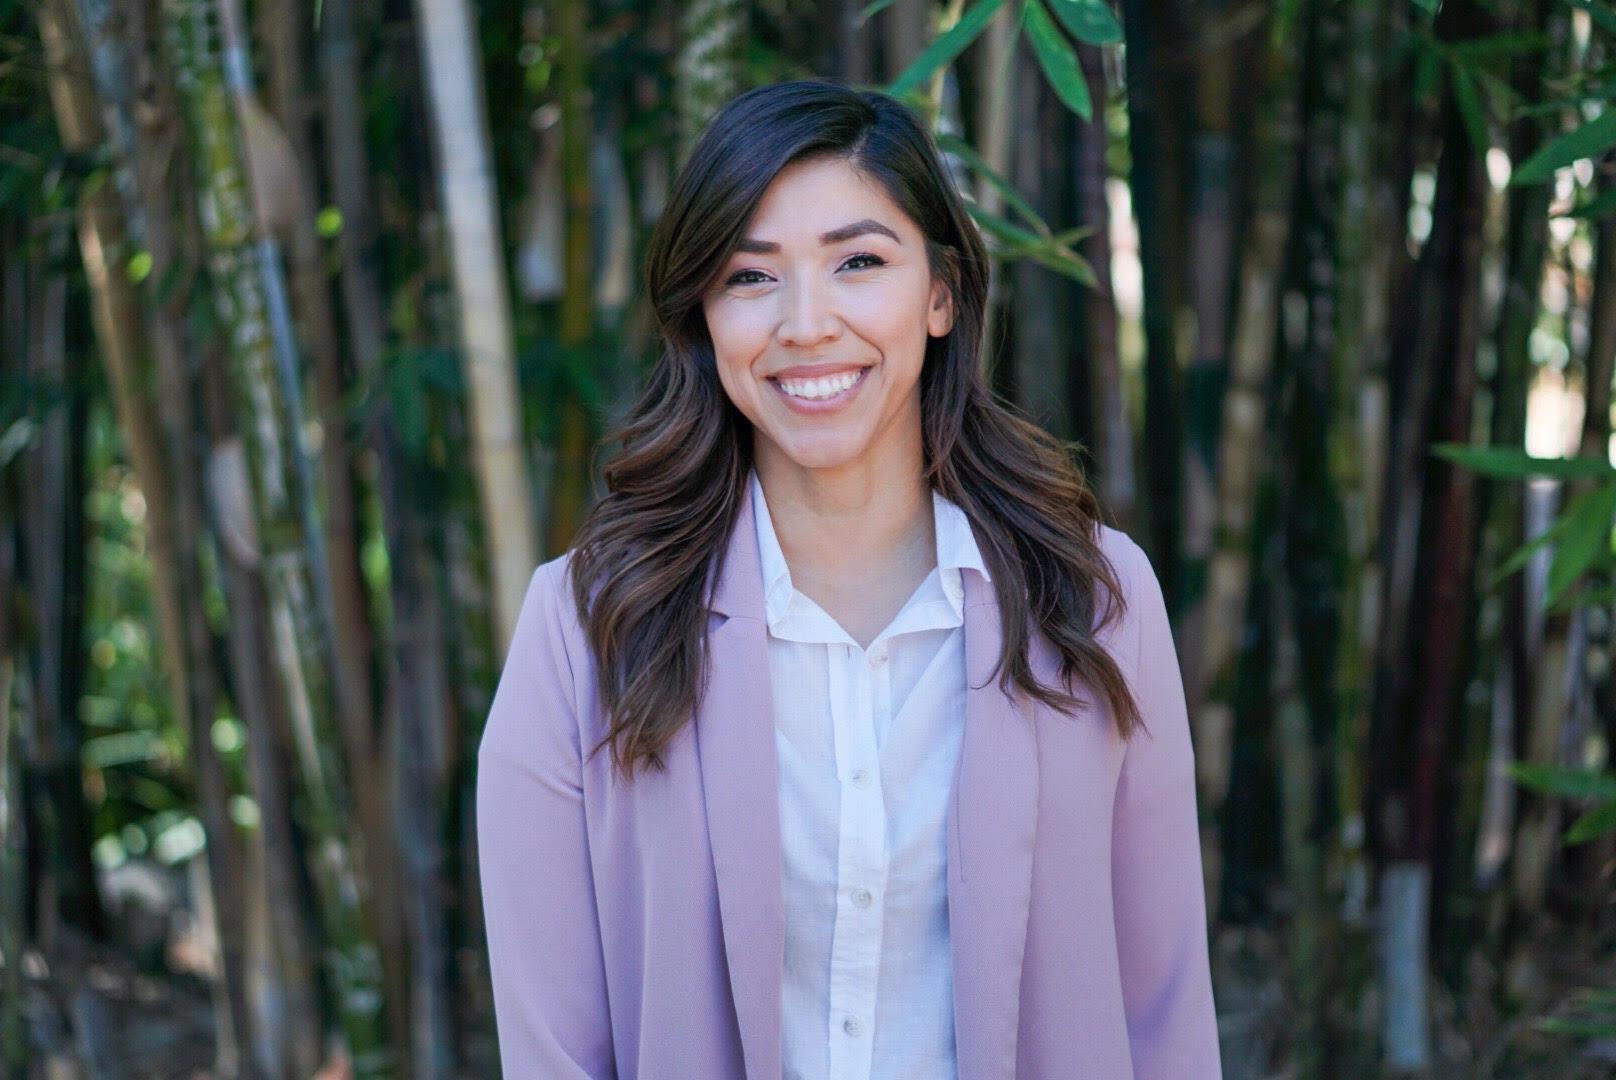 Current Fellow, Alexis Barrera